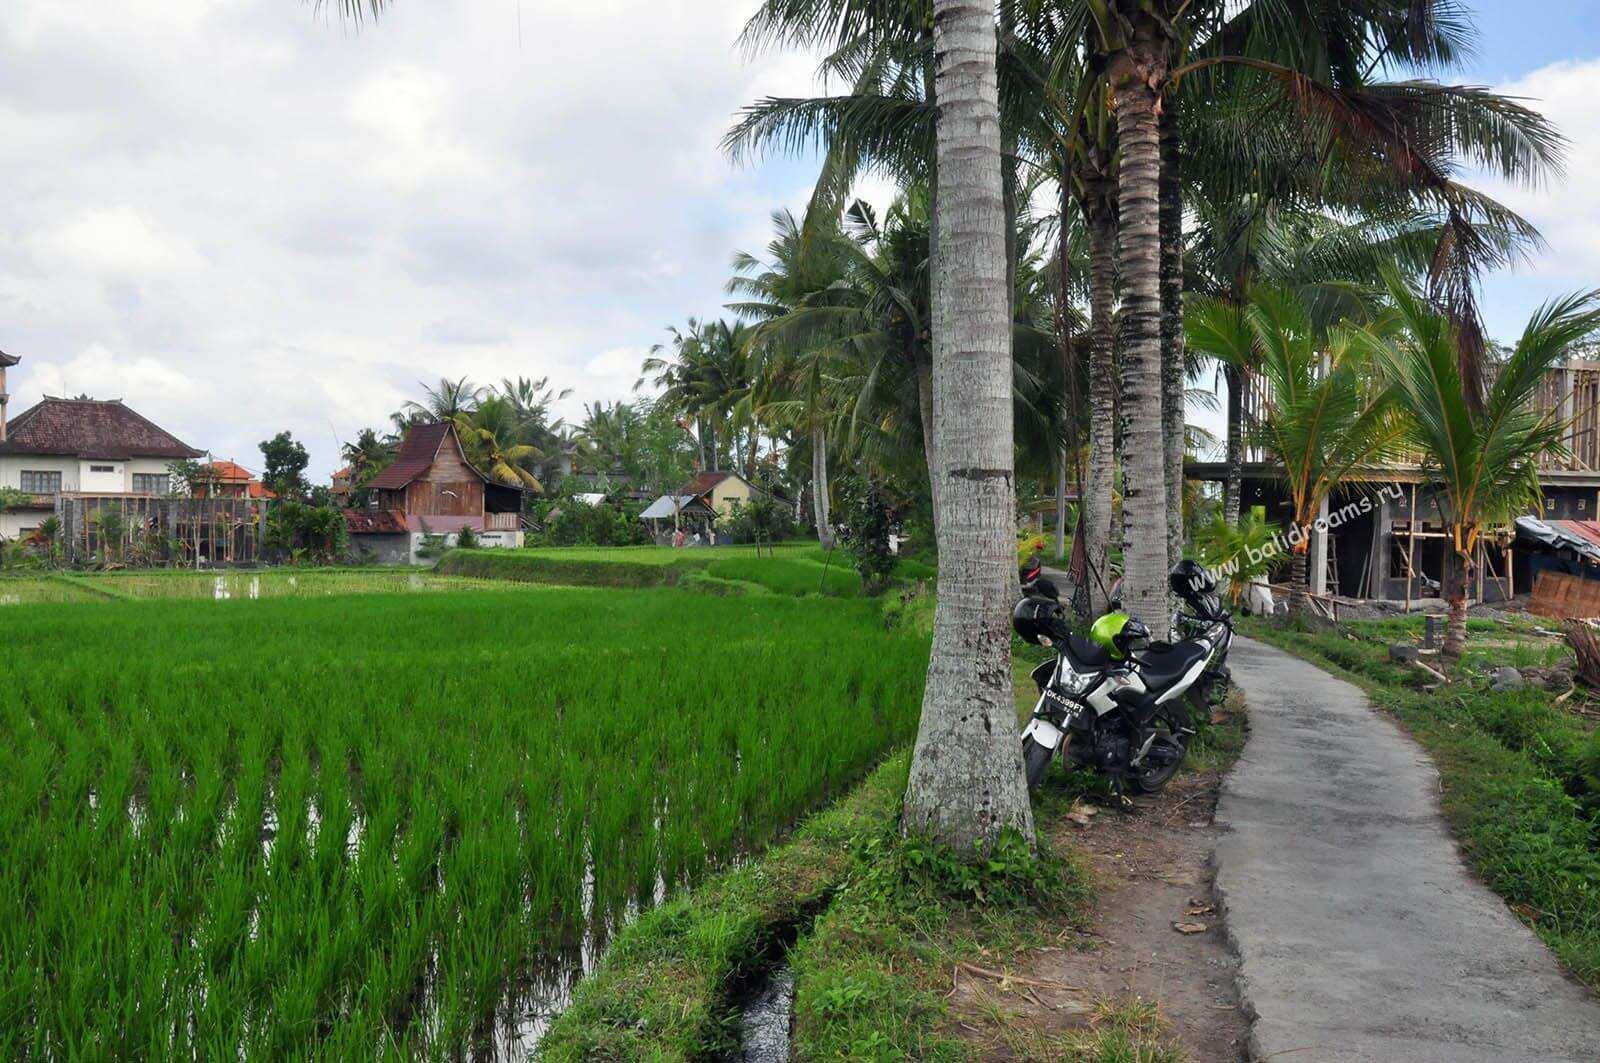 Узкие тропы среди рисовых террас в Убуде